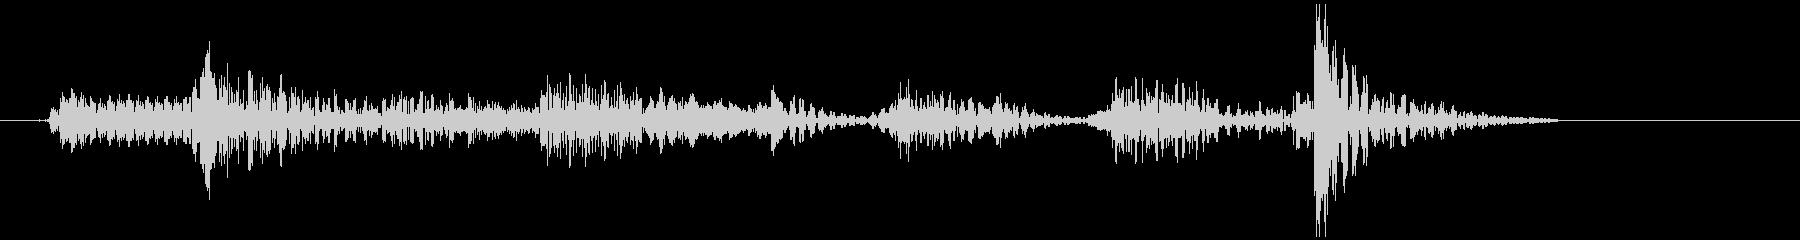 アコースティックギターの短いフレーズの未再生の波形